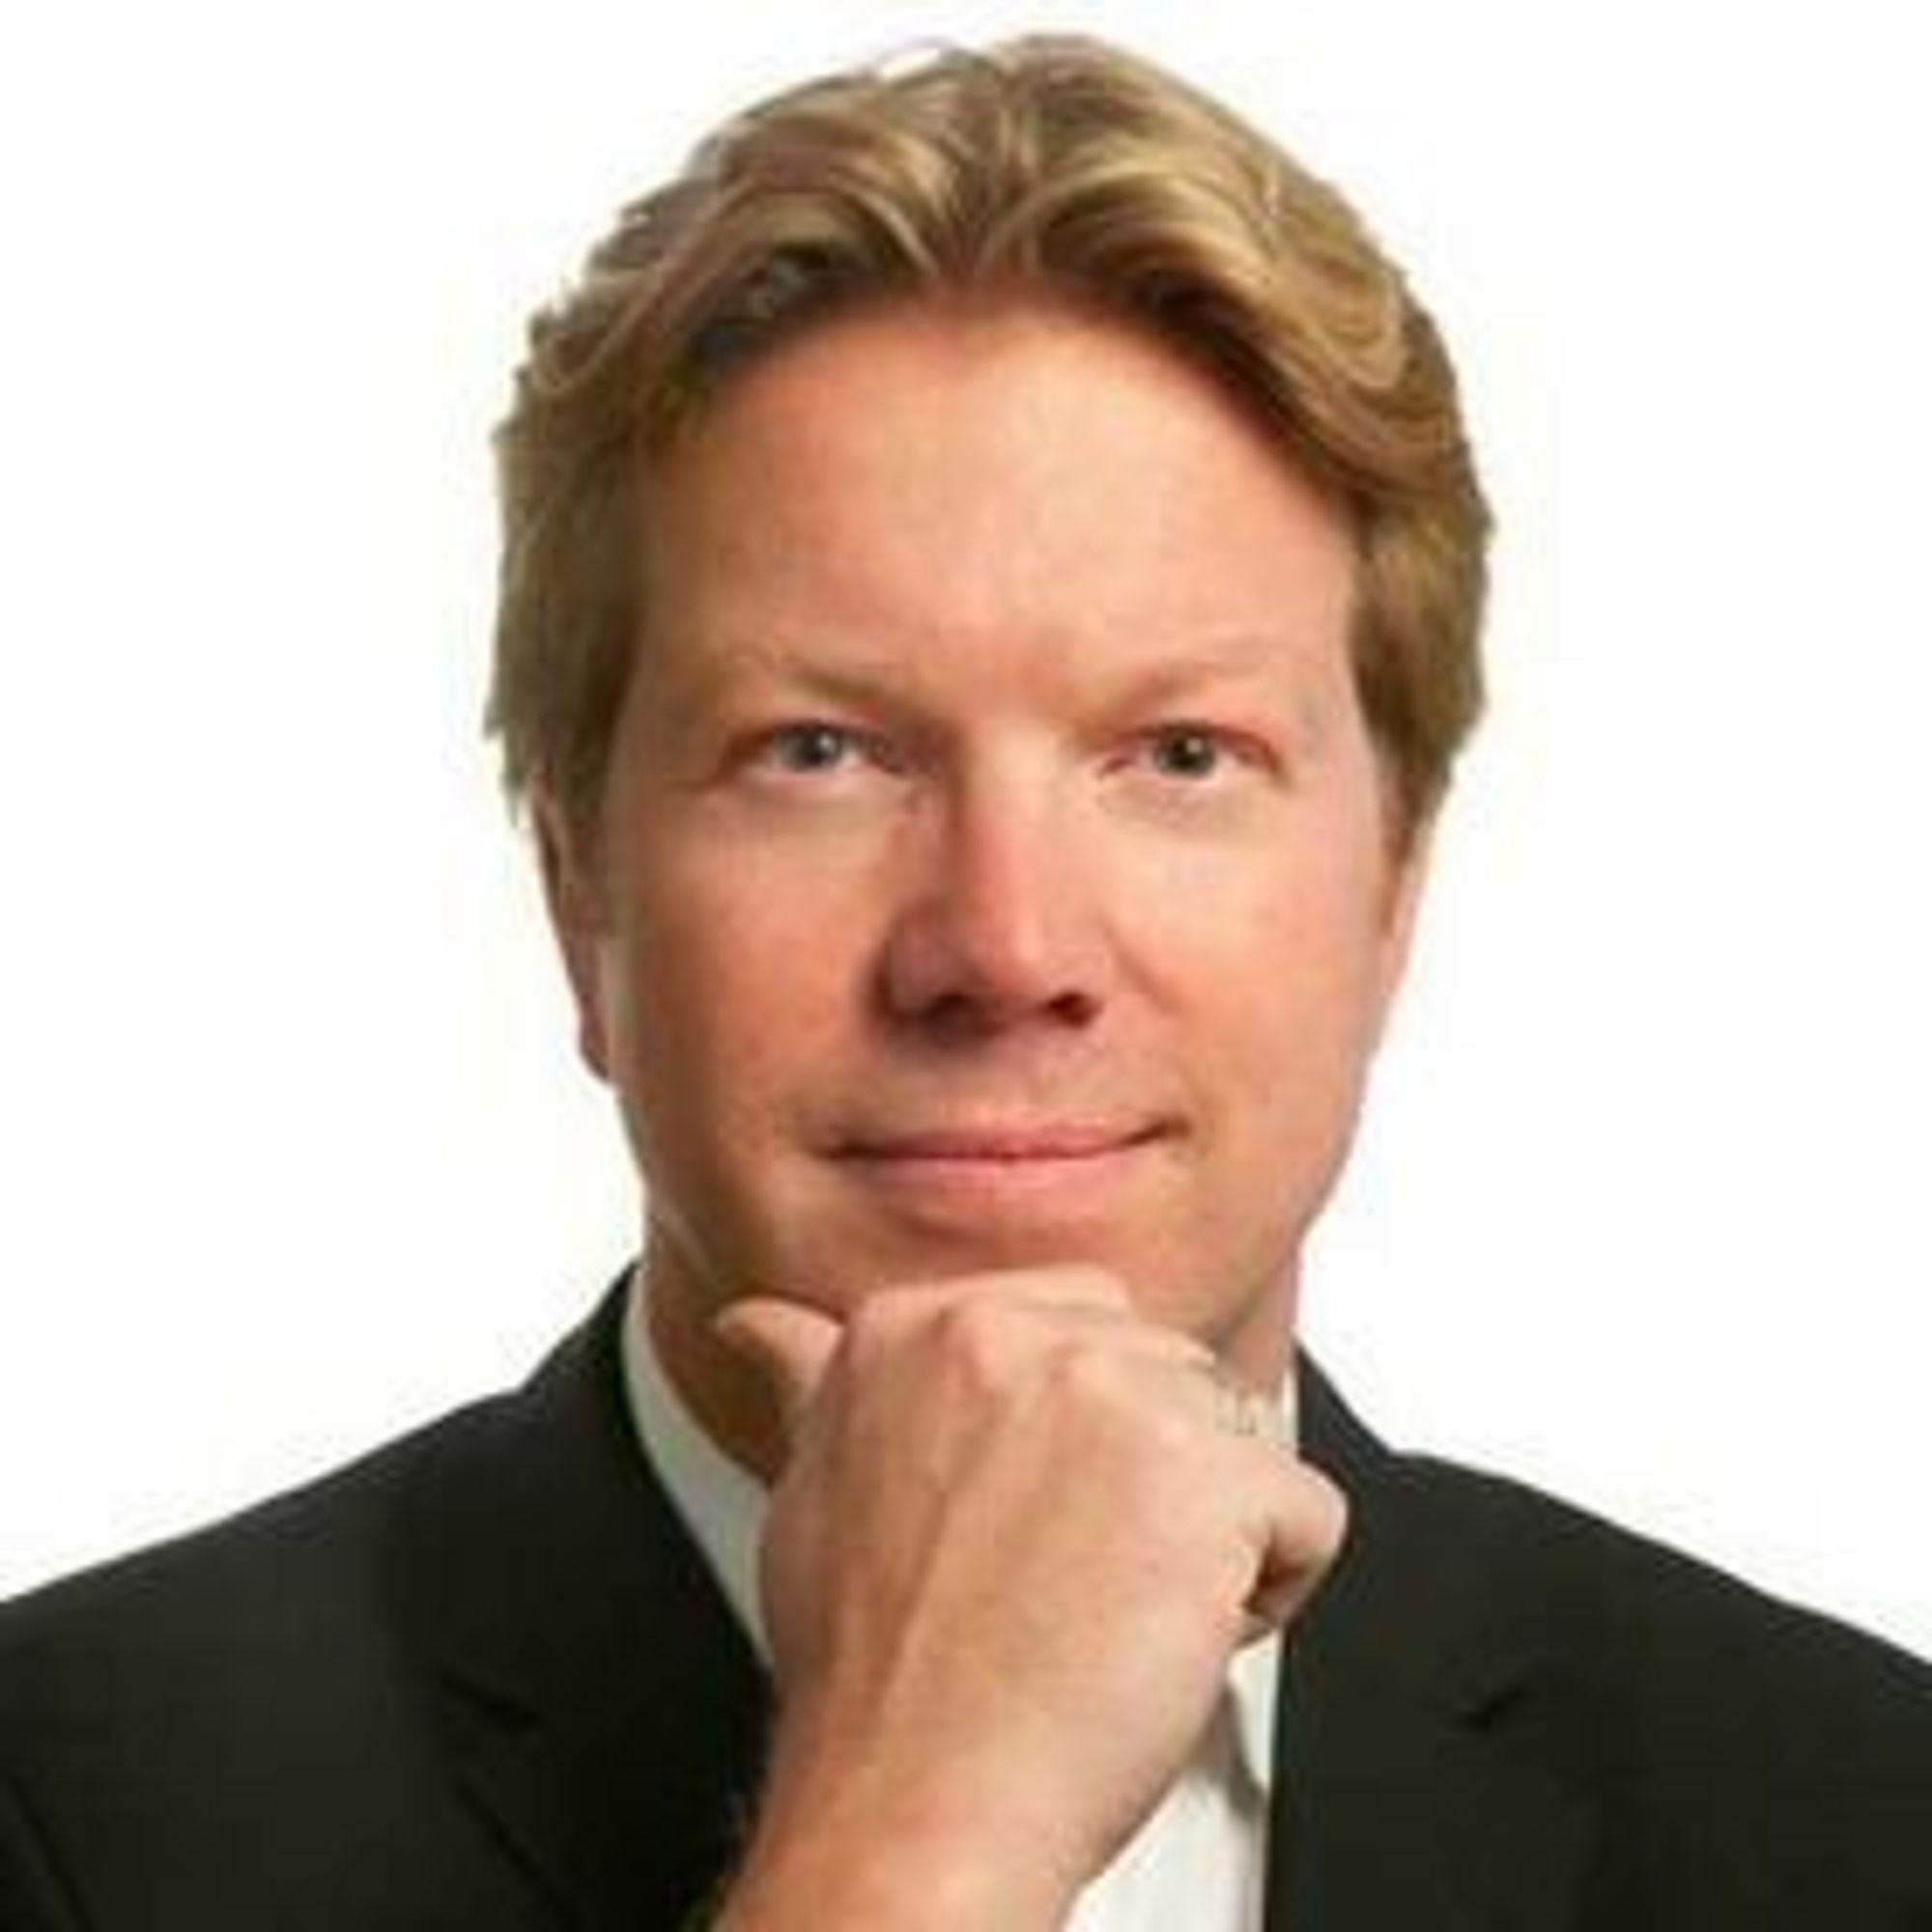 Rikard Steiber er global markedssjef i Google med ansvar for mobil og sosiale medier.